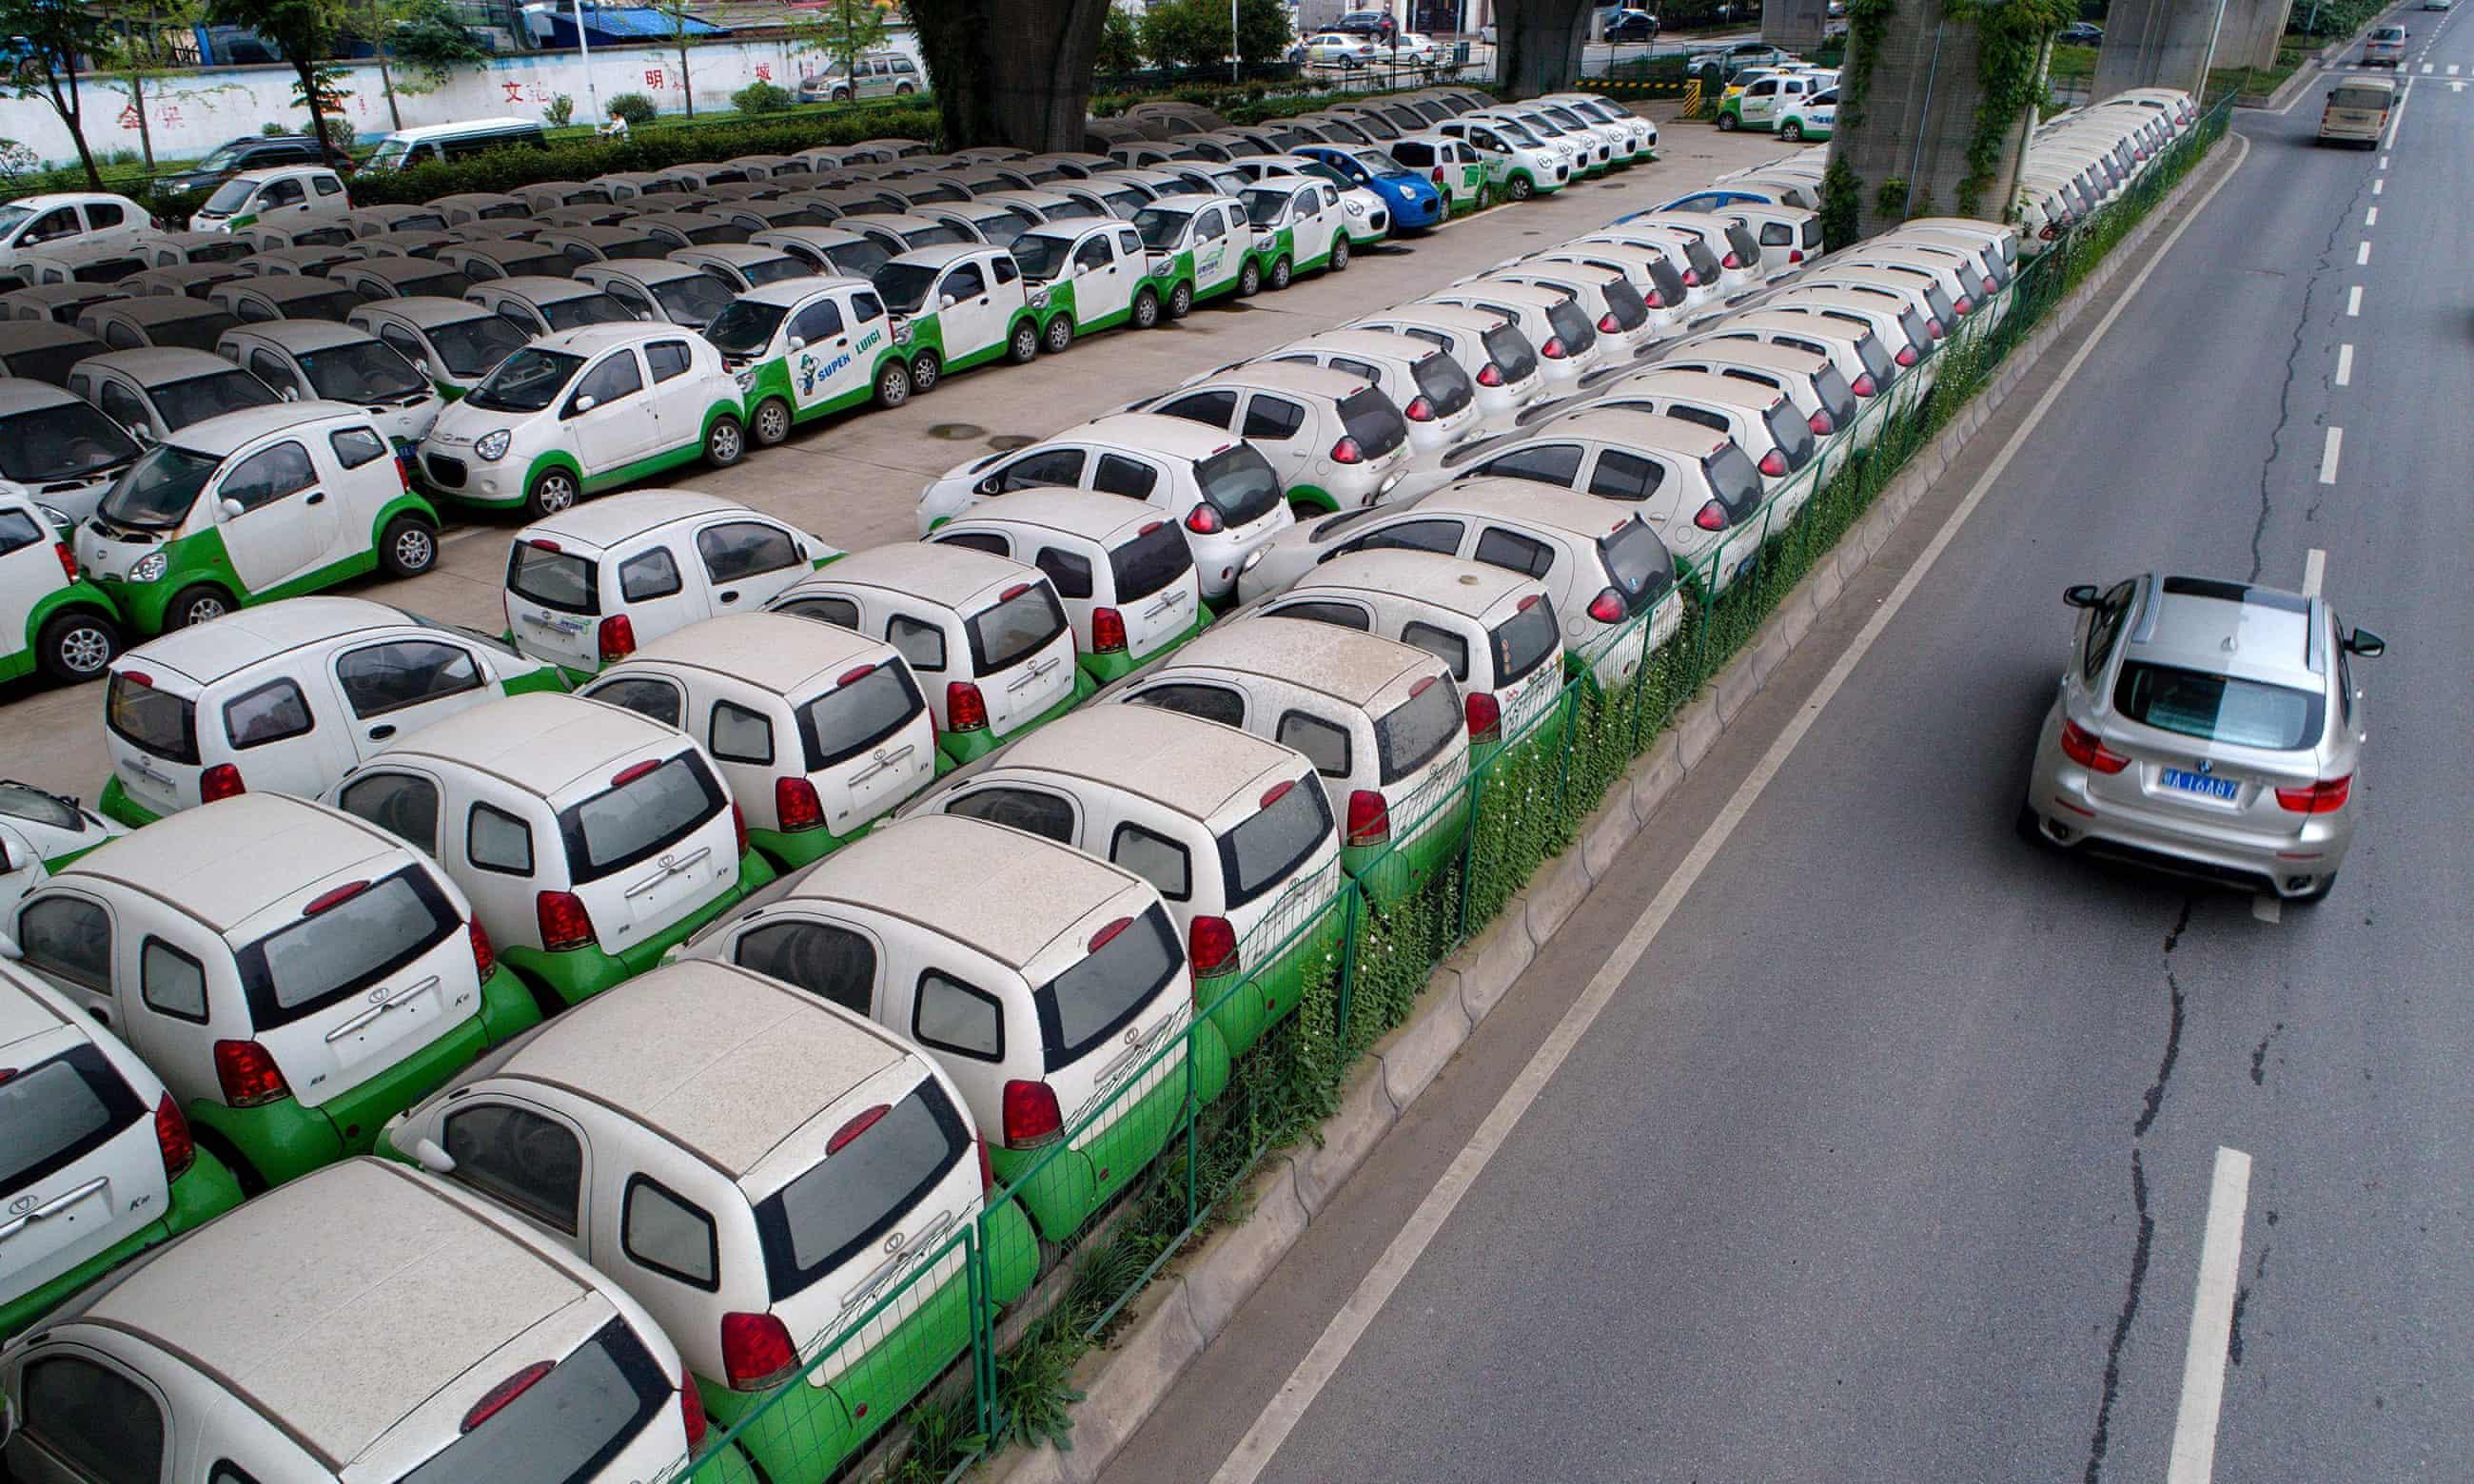 زيادة السيارات الكهربائية يمكن أن يسبب لنا مشكلة نفايات البطاريات